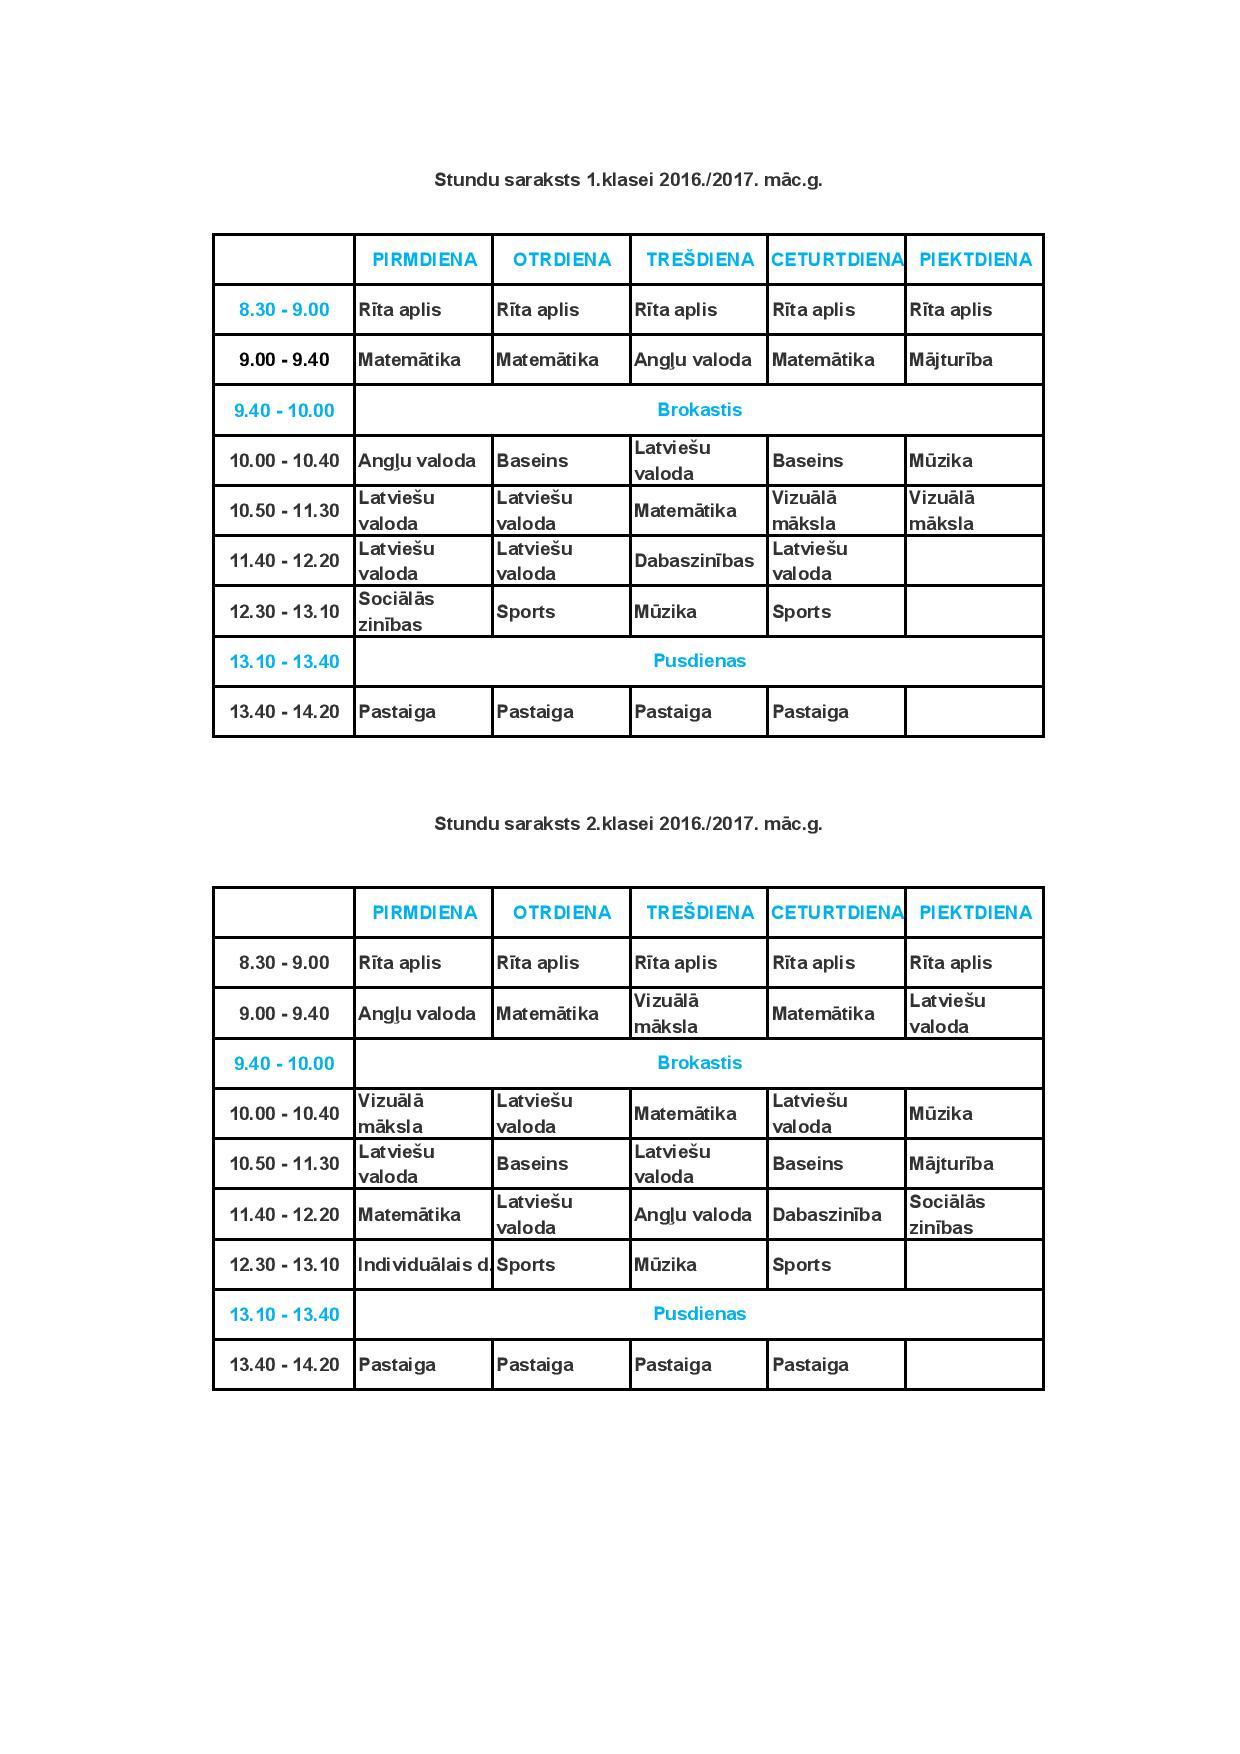 Stundu saraksts 1 - 2 klase